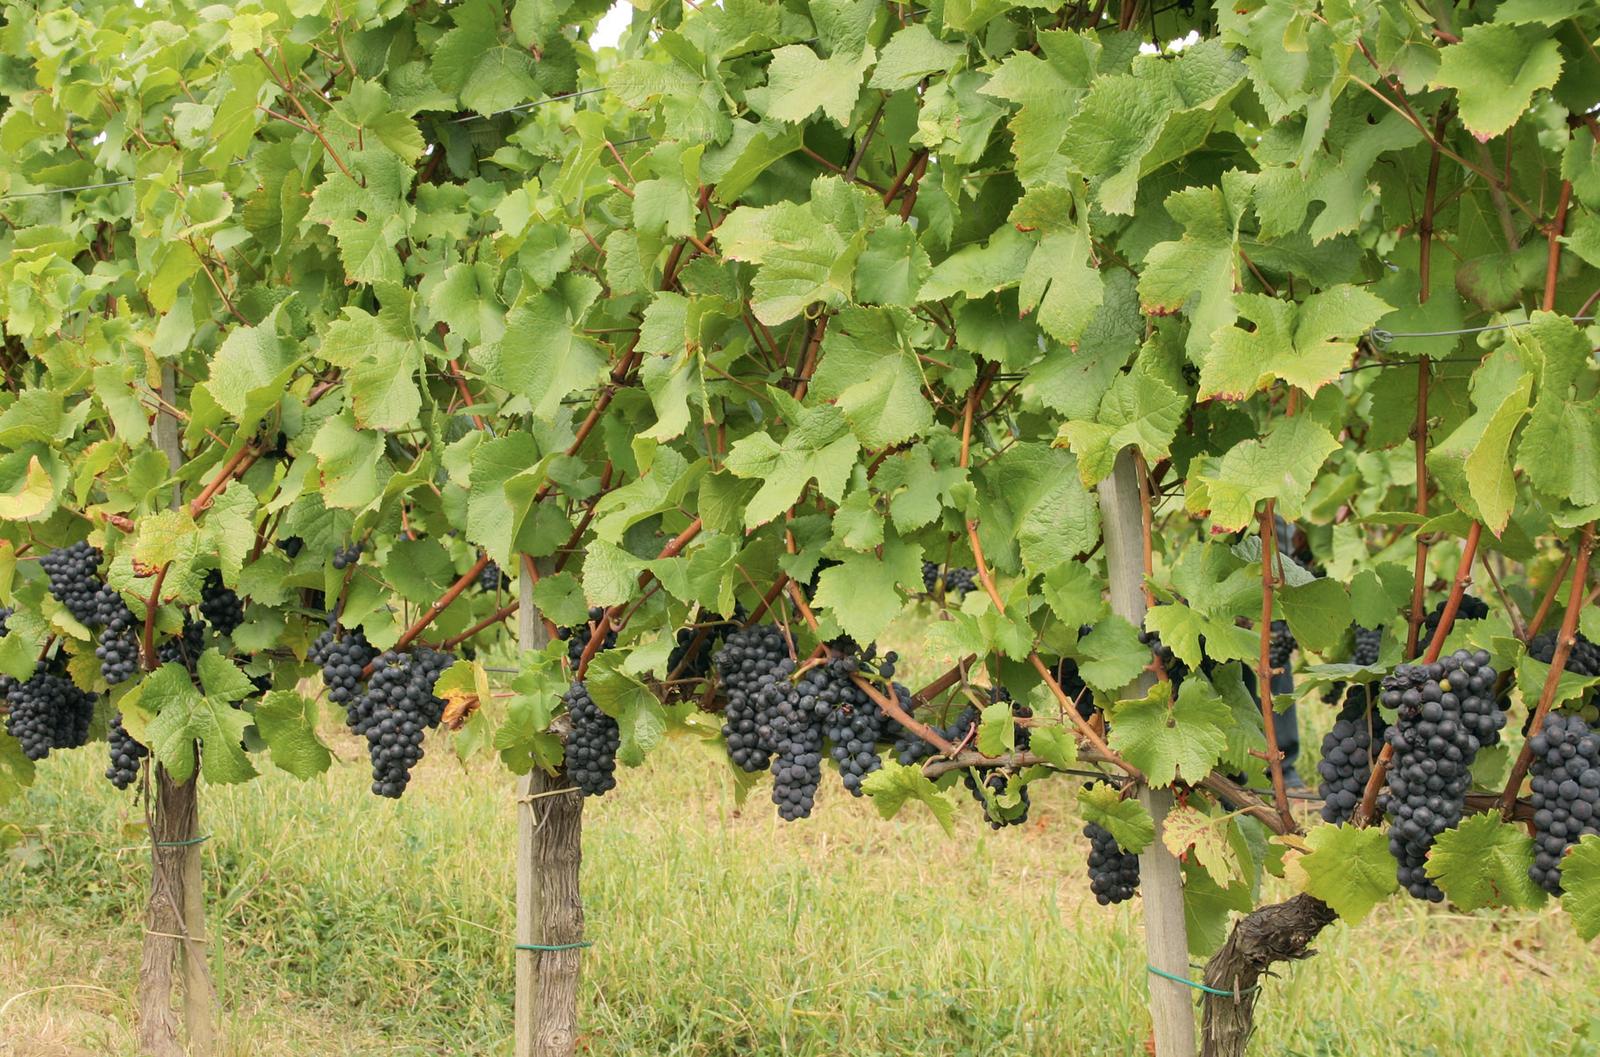 Vörös szőlő, a természet orvossága | Tiszta Forrás